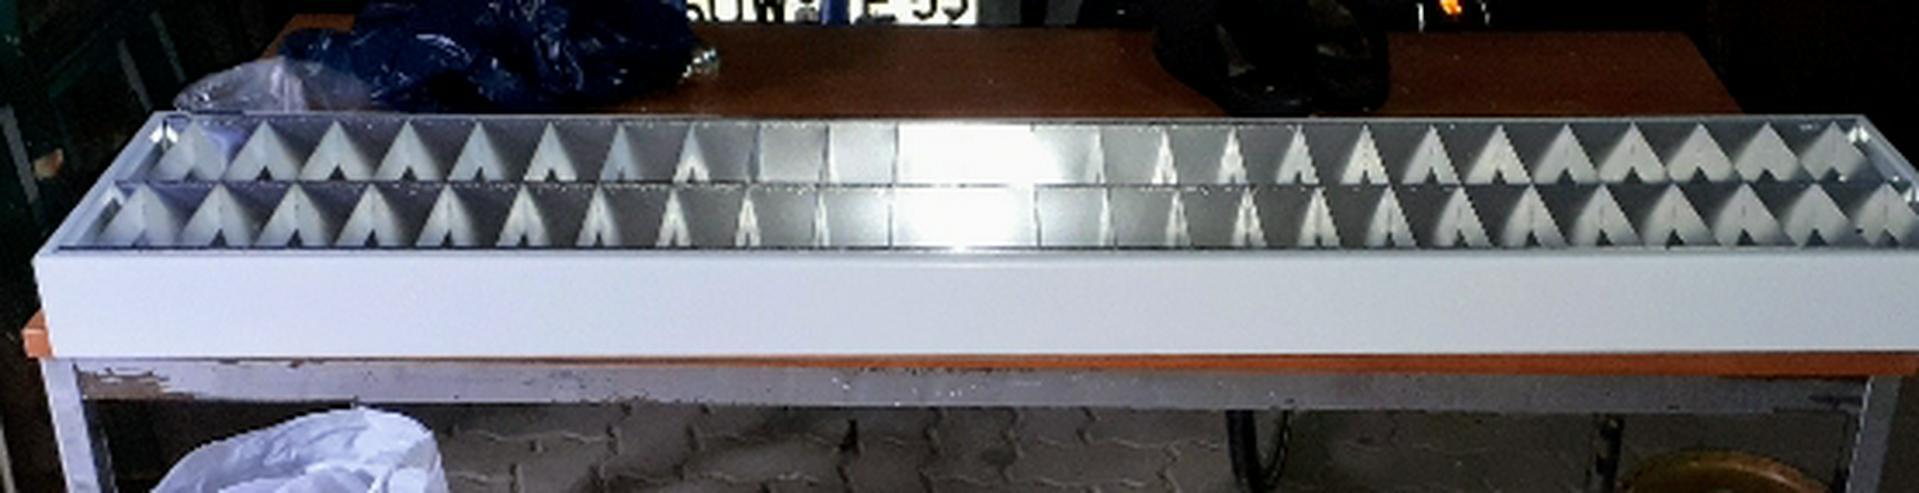 Rasteraufbauleuchte 1550 x 310 x 90 für 2 x 58 W Leuchten stabile Ausführung zu verkaufen.